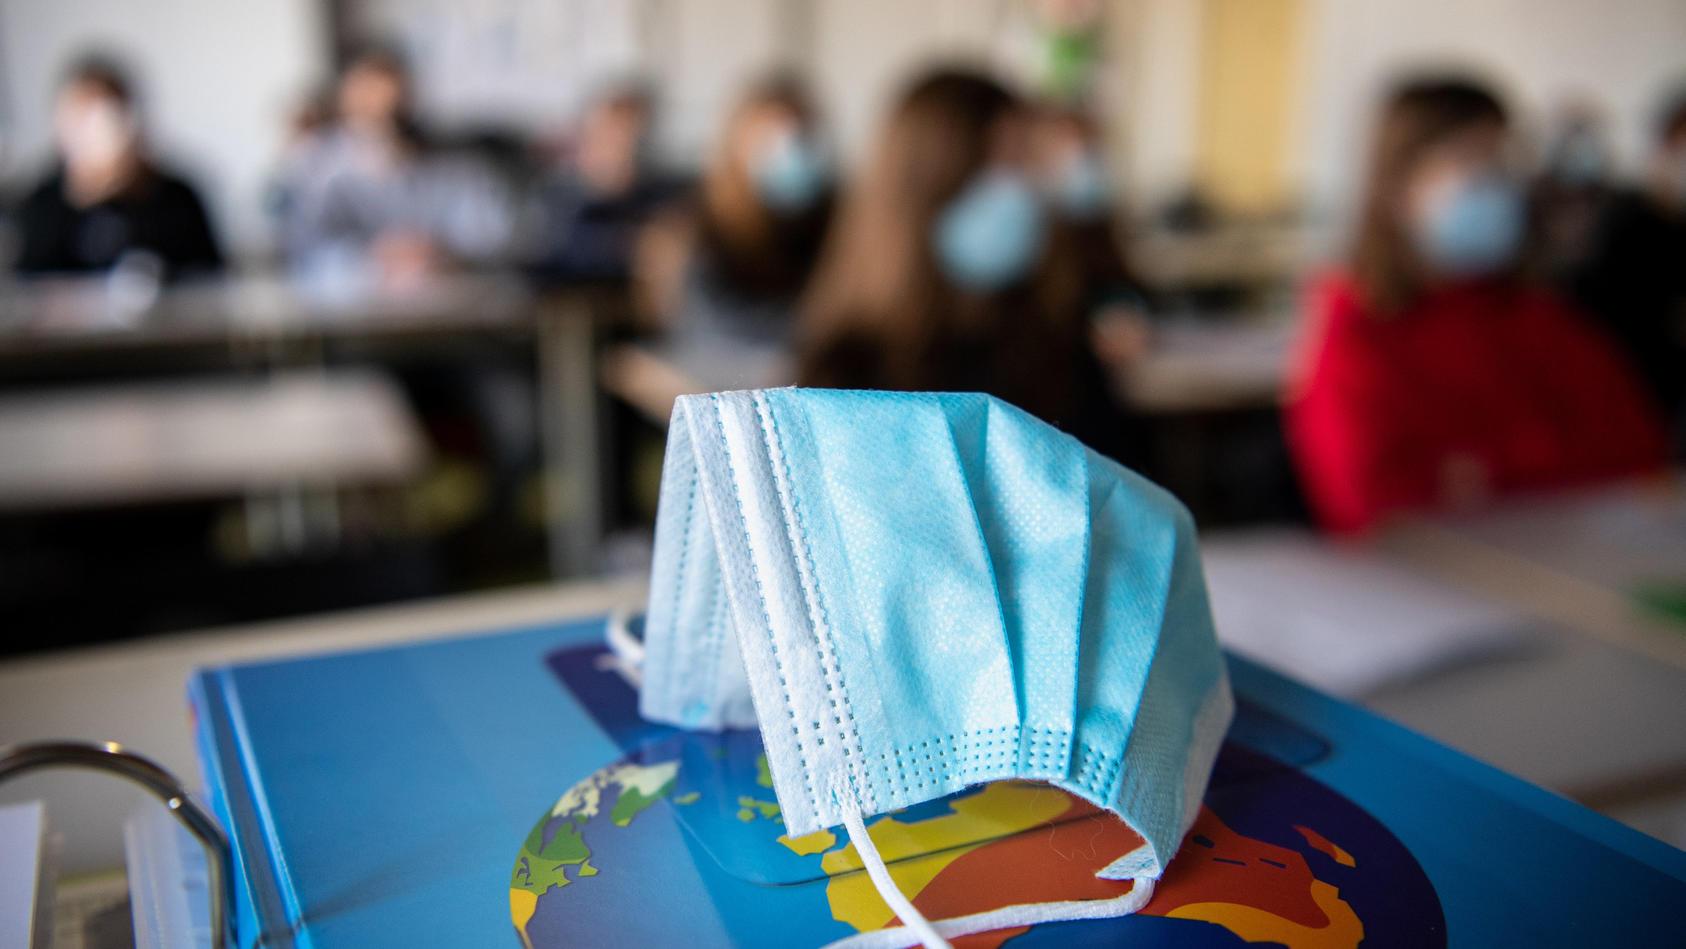 Lehrer infiziert mehrere Schüler und Kollegen mit dem Coronavirus. (Symbolbild)